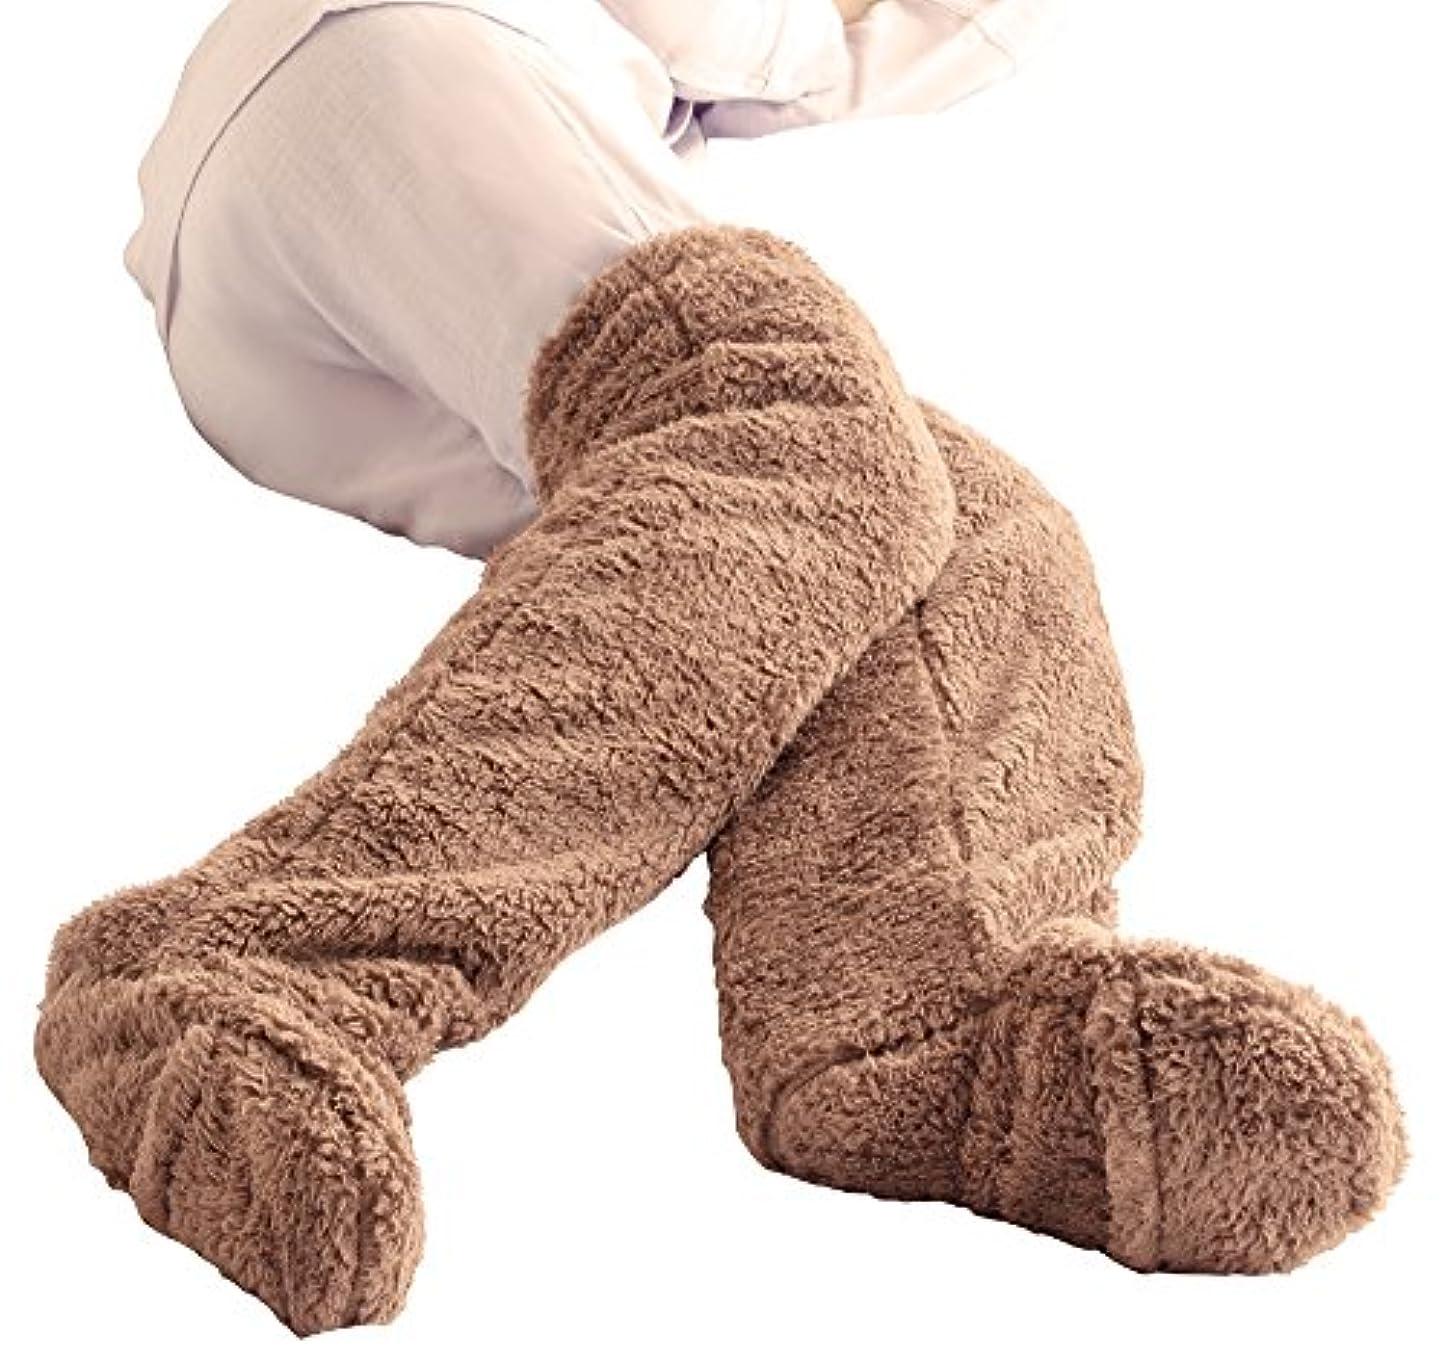 隔離心理学処方する極暖 足が出せるロングカバー